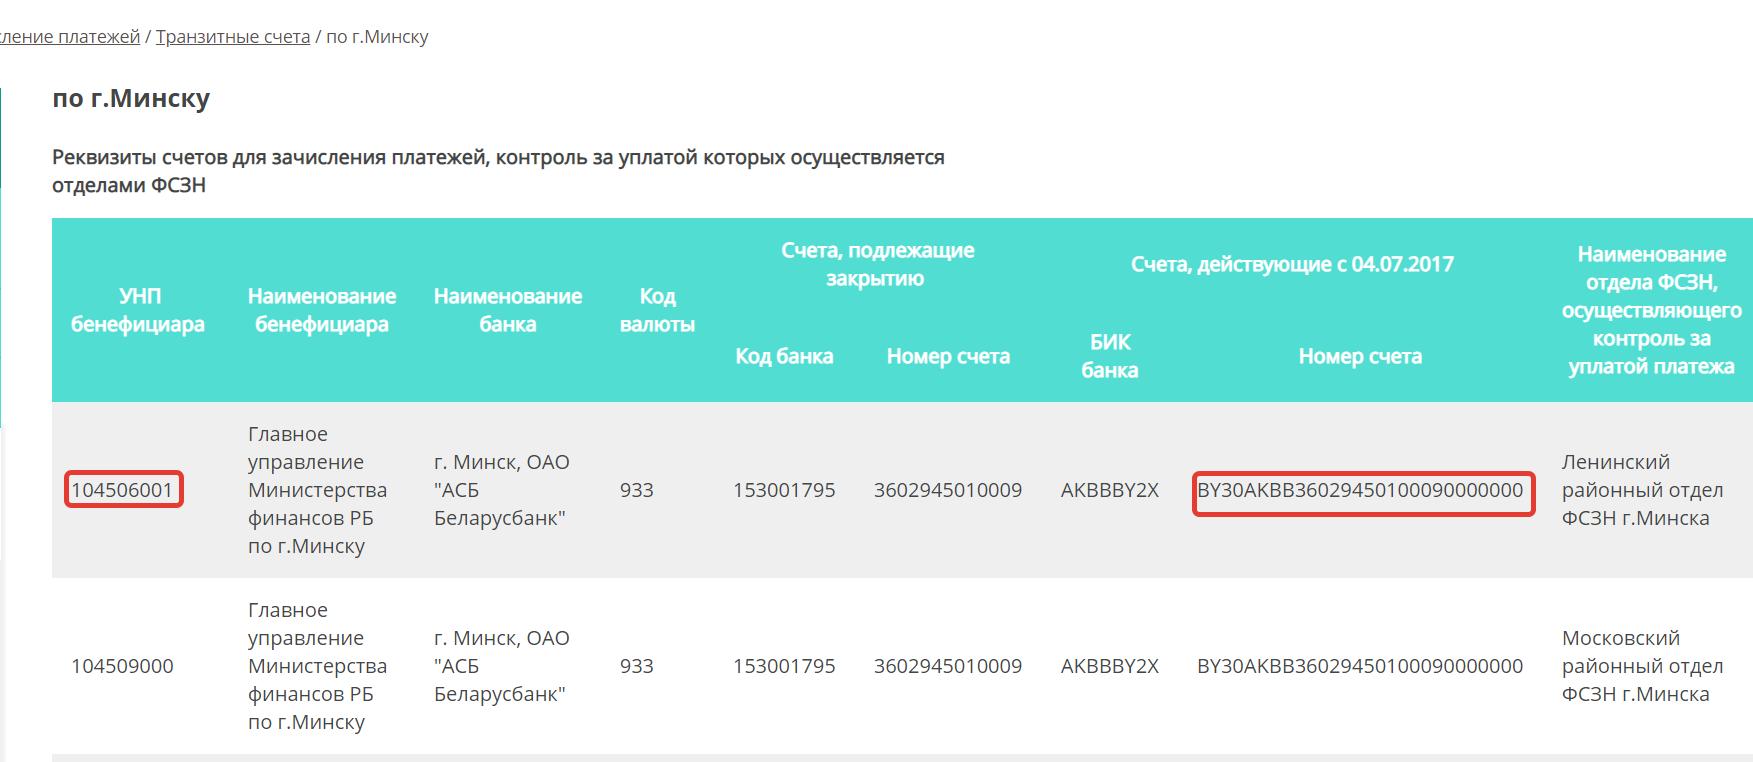 Регистрации ип беларусь фсзн с1 бухгалтерия обучение онлайн